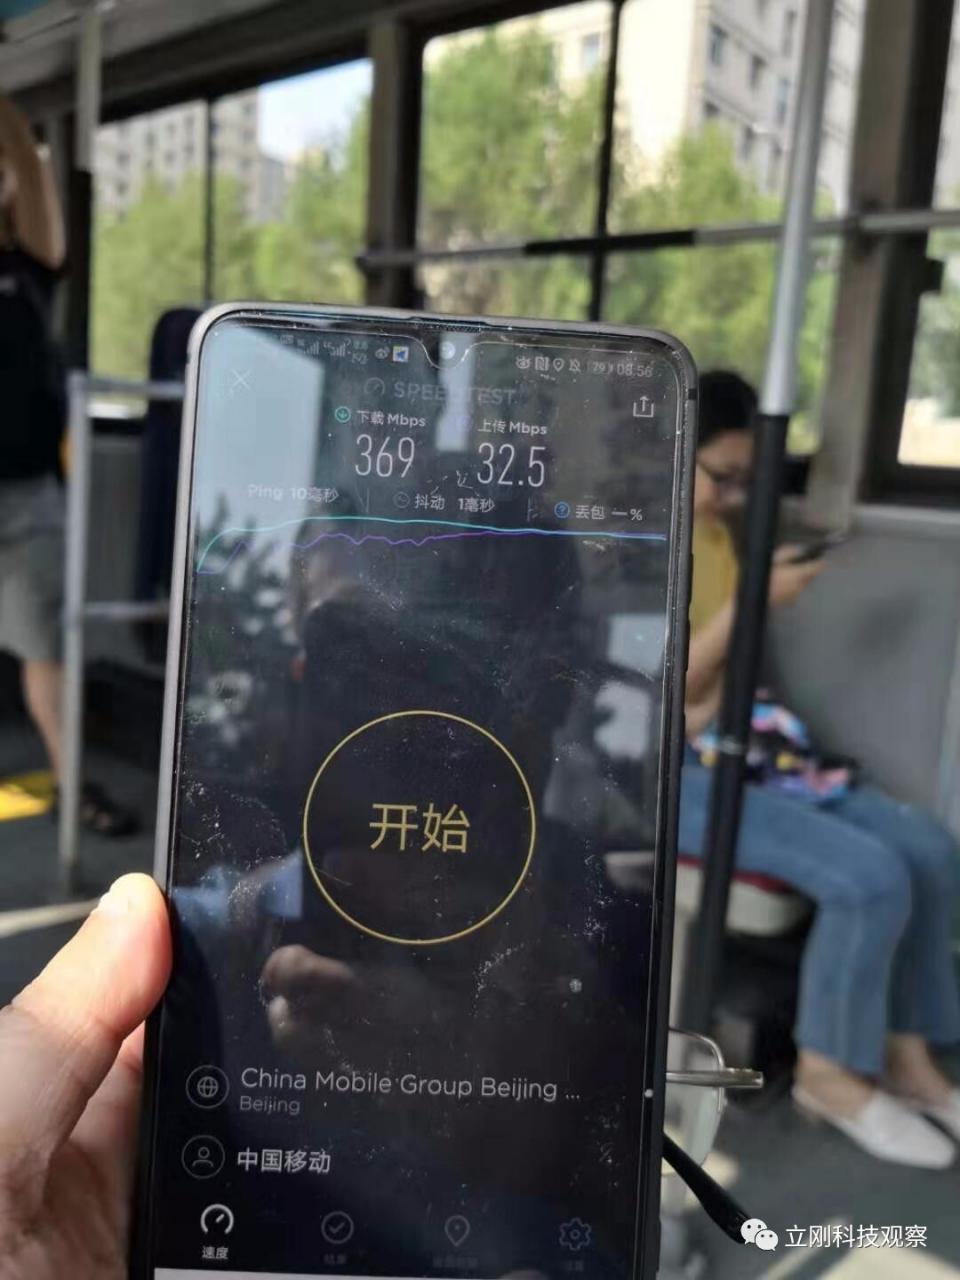 [实测]北京的5G用起来到底怎么样? 热点资讯 第3张